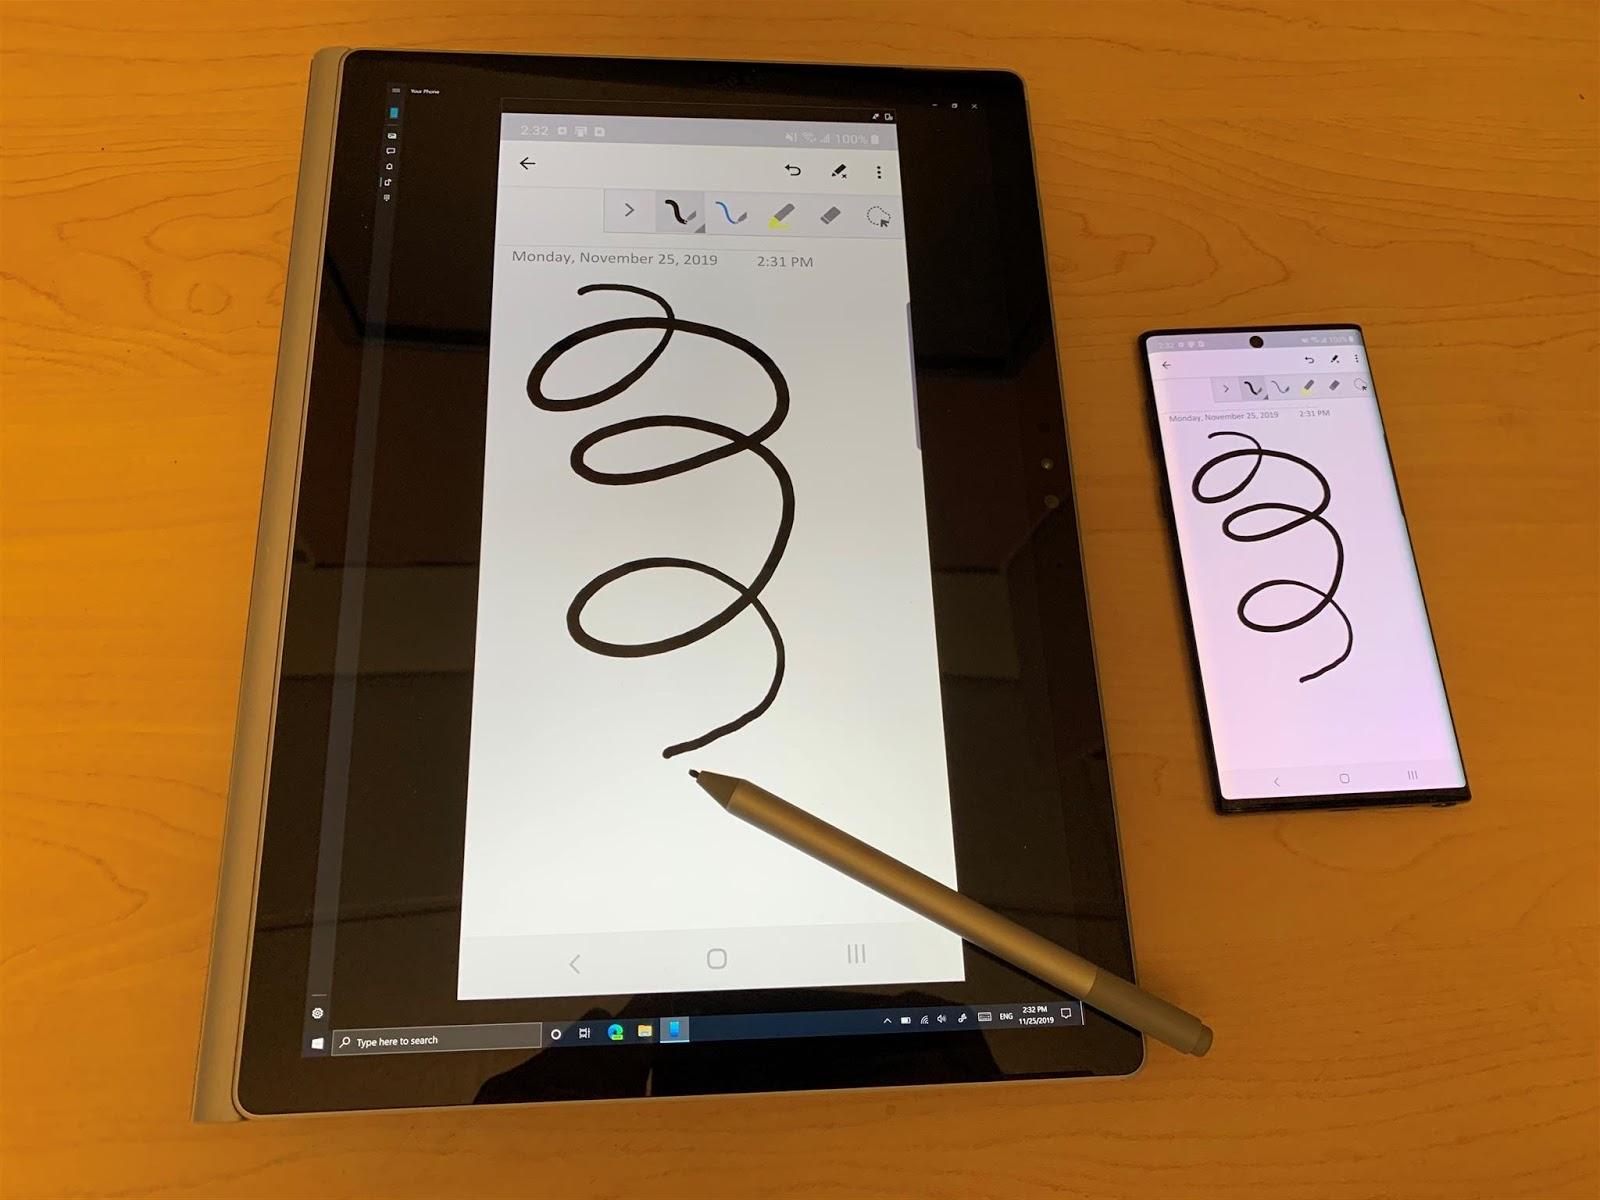 L'App Il tuo telefono supporta l'input di penna